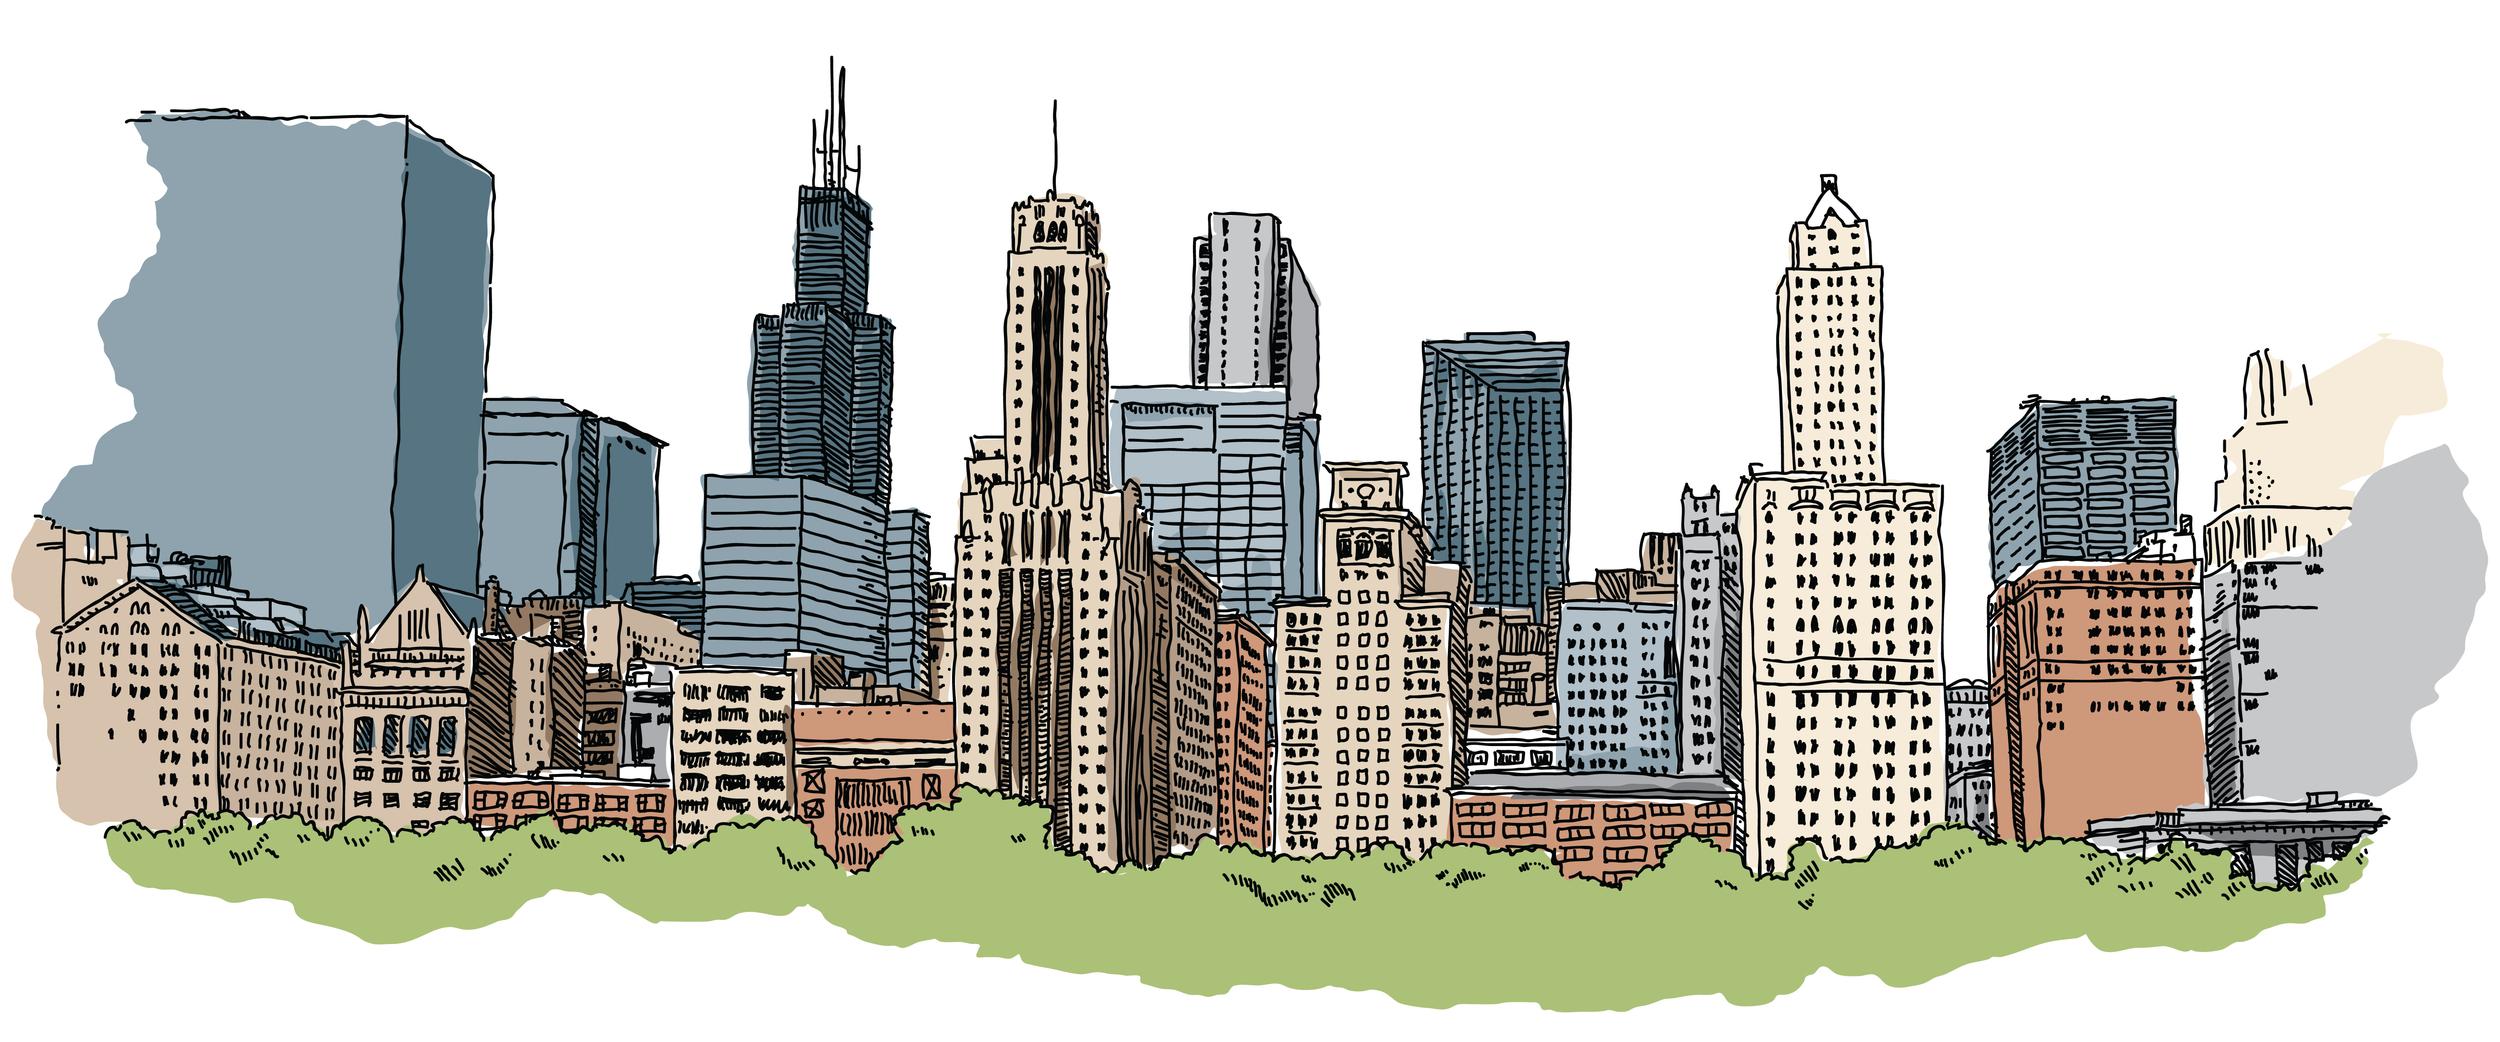 Detroit, Michigan skyline.